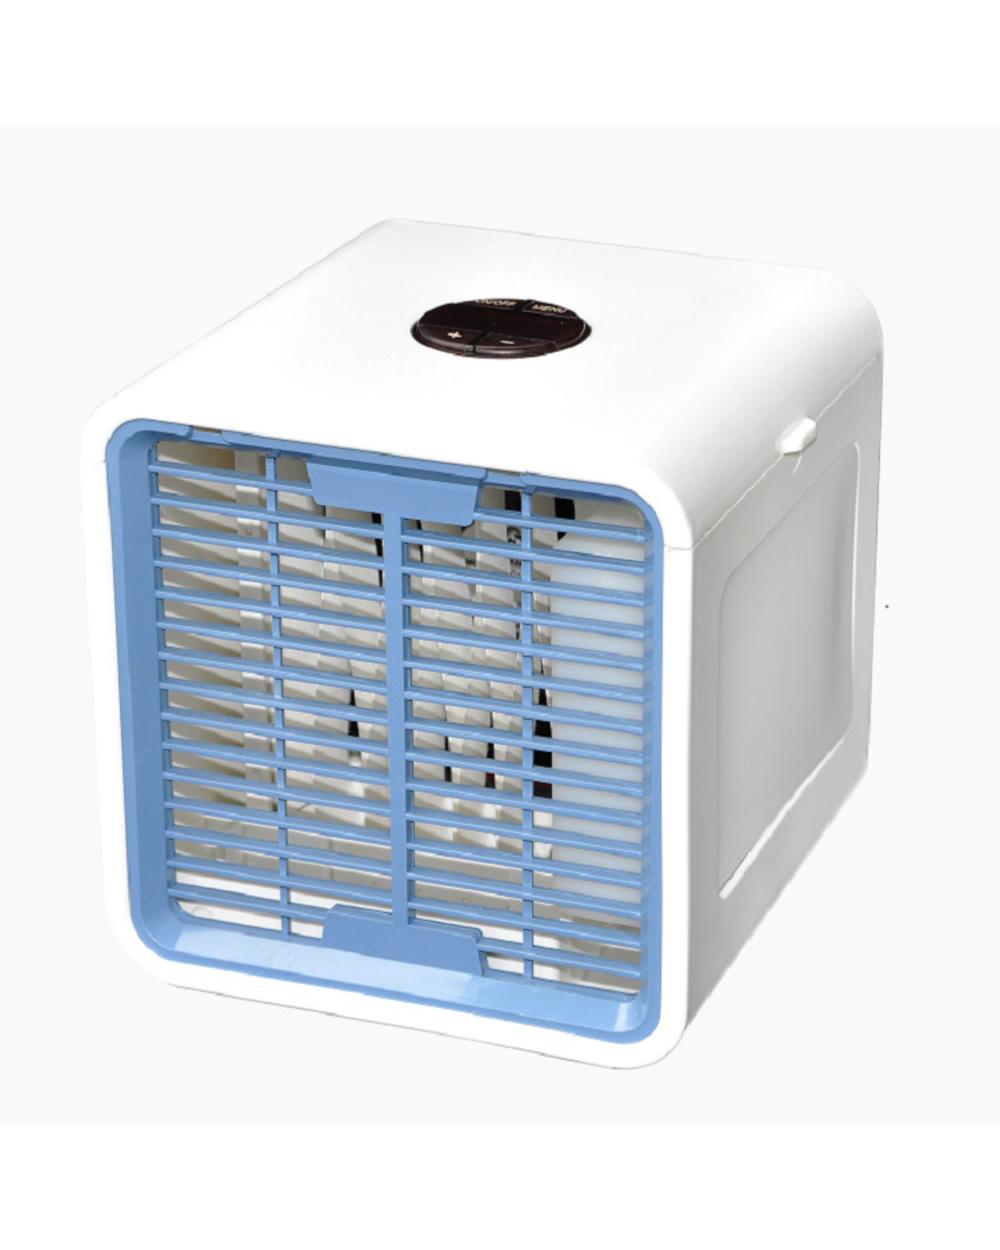 Portable Air Conditioner Mini Air Conditioner 4